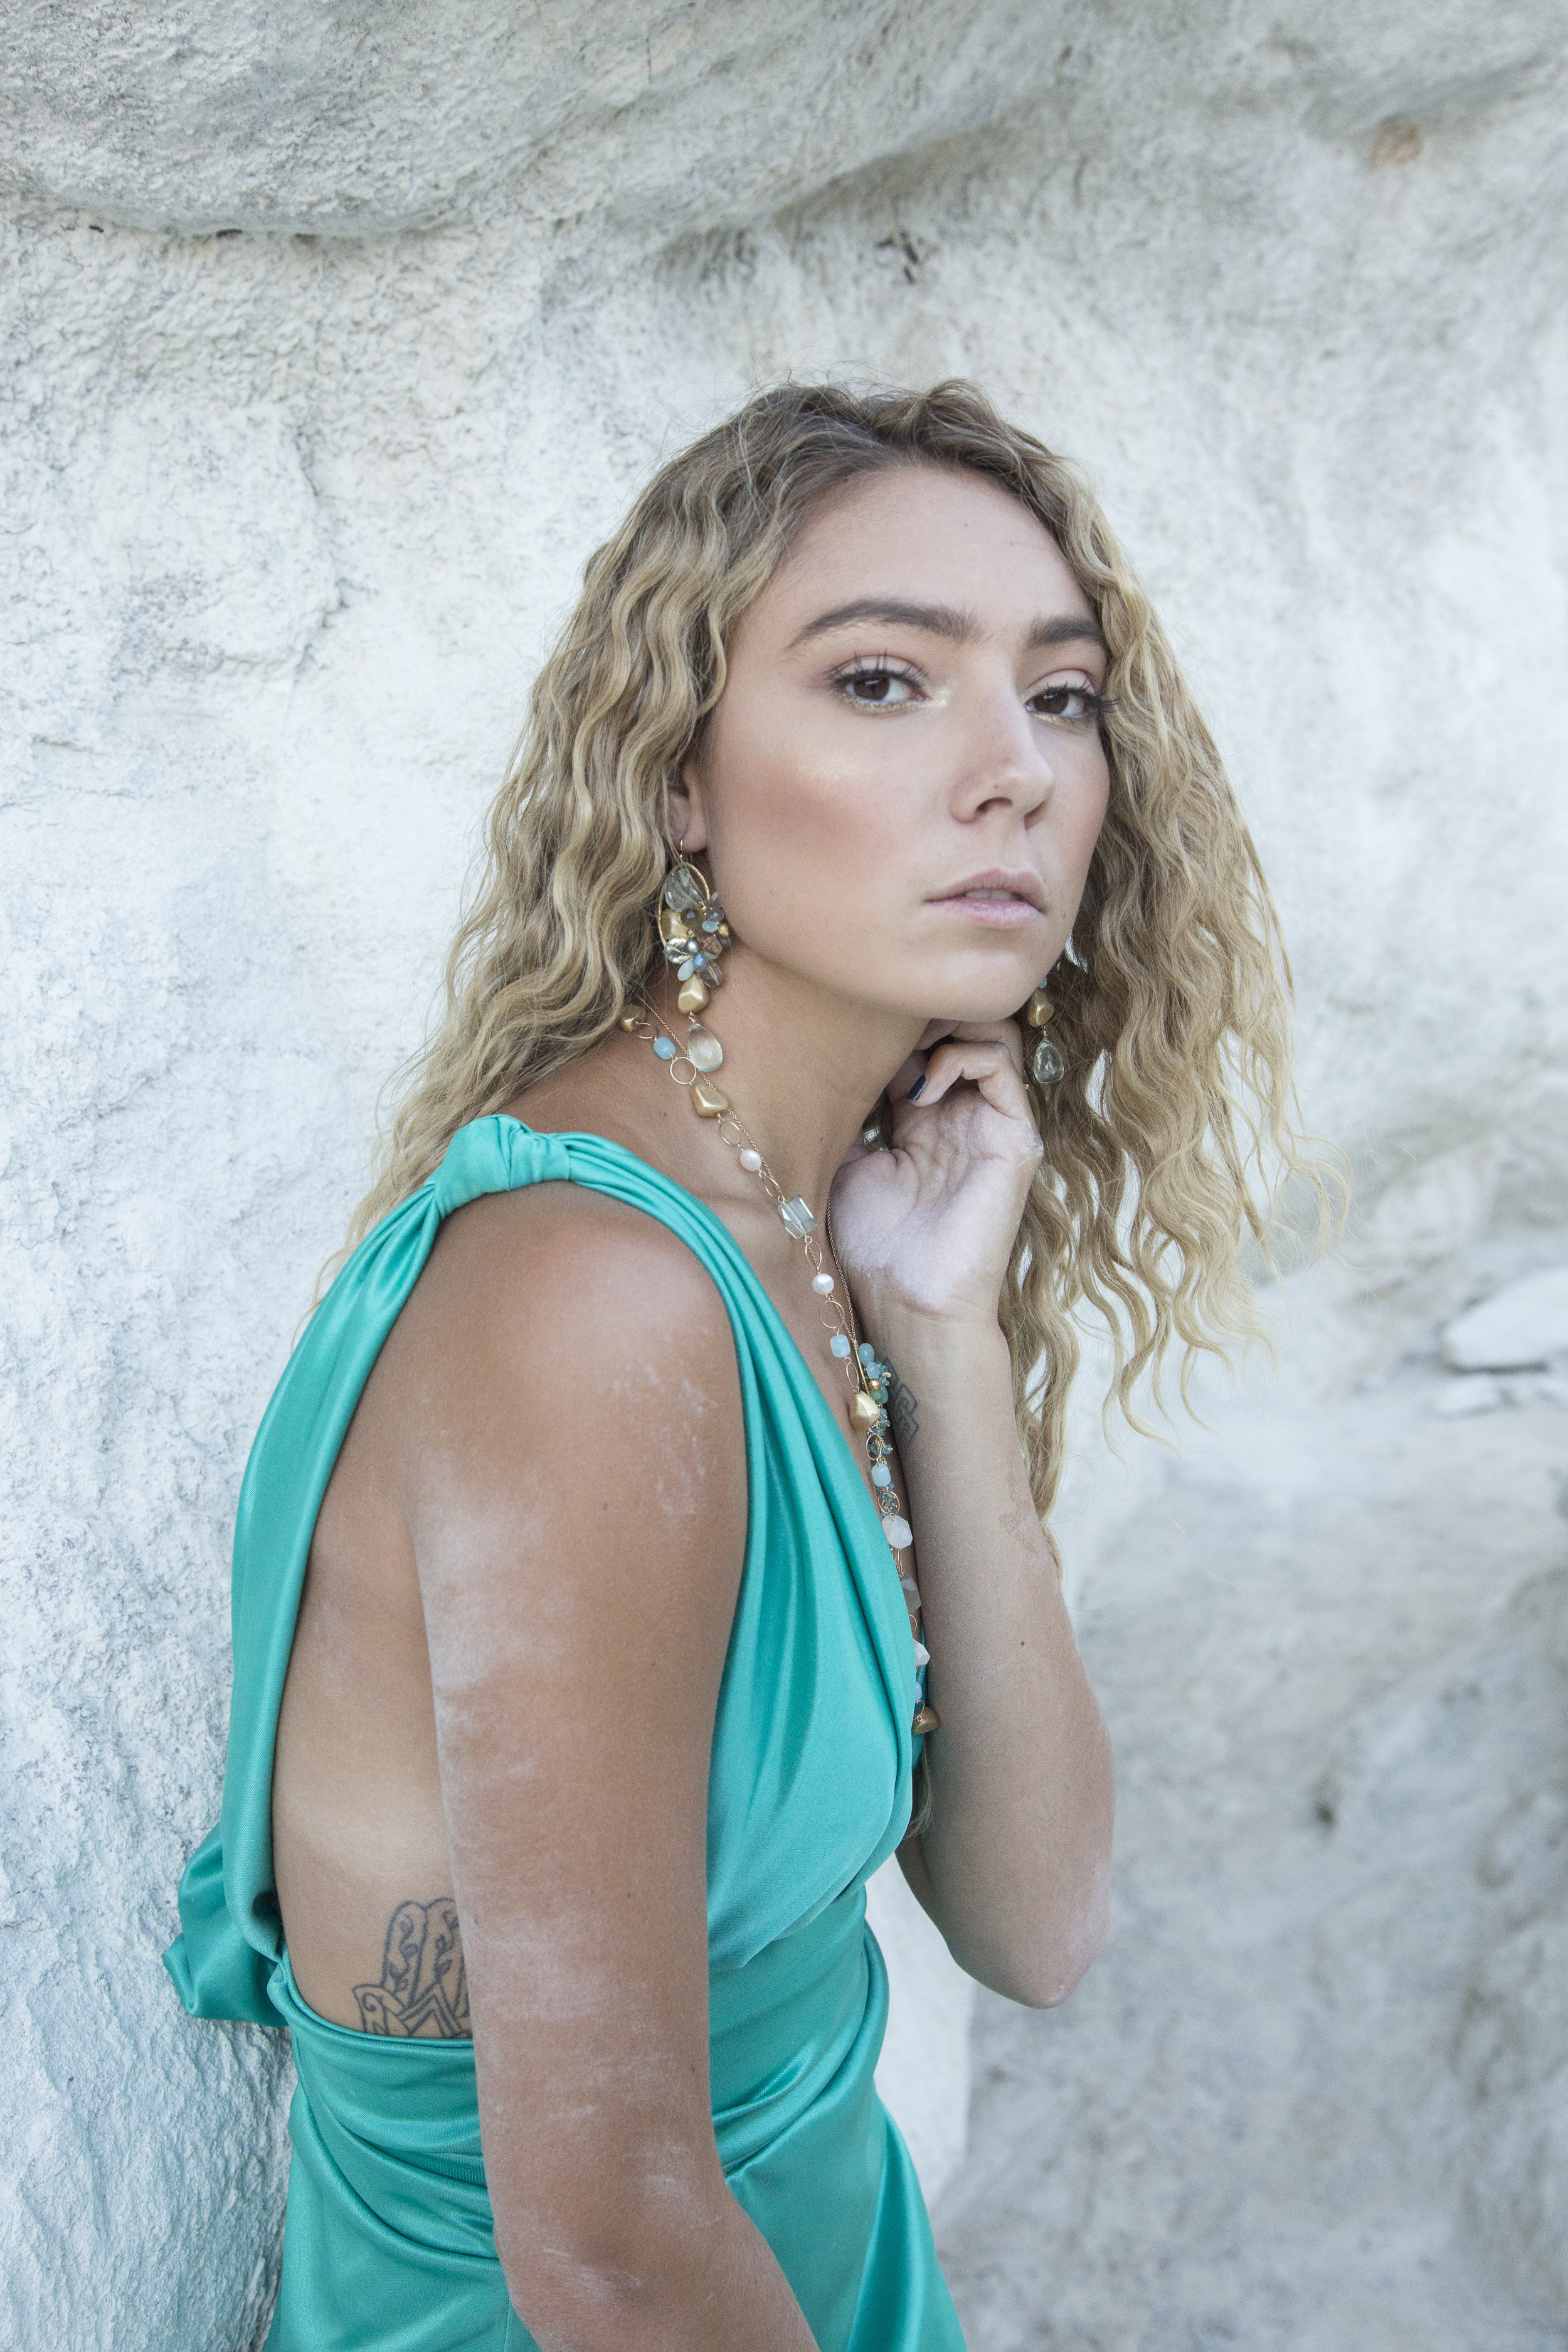 Model wearing gemstone statement earrings